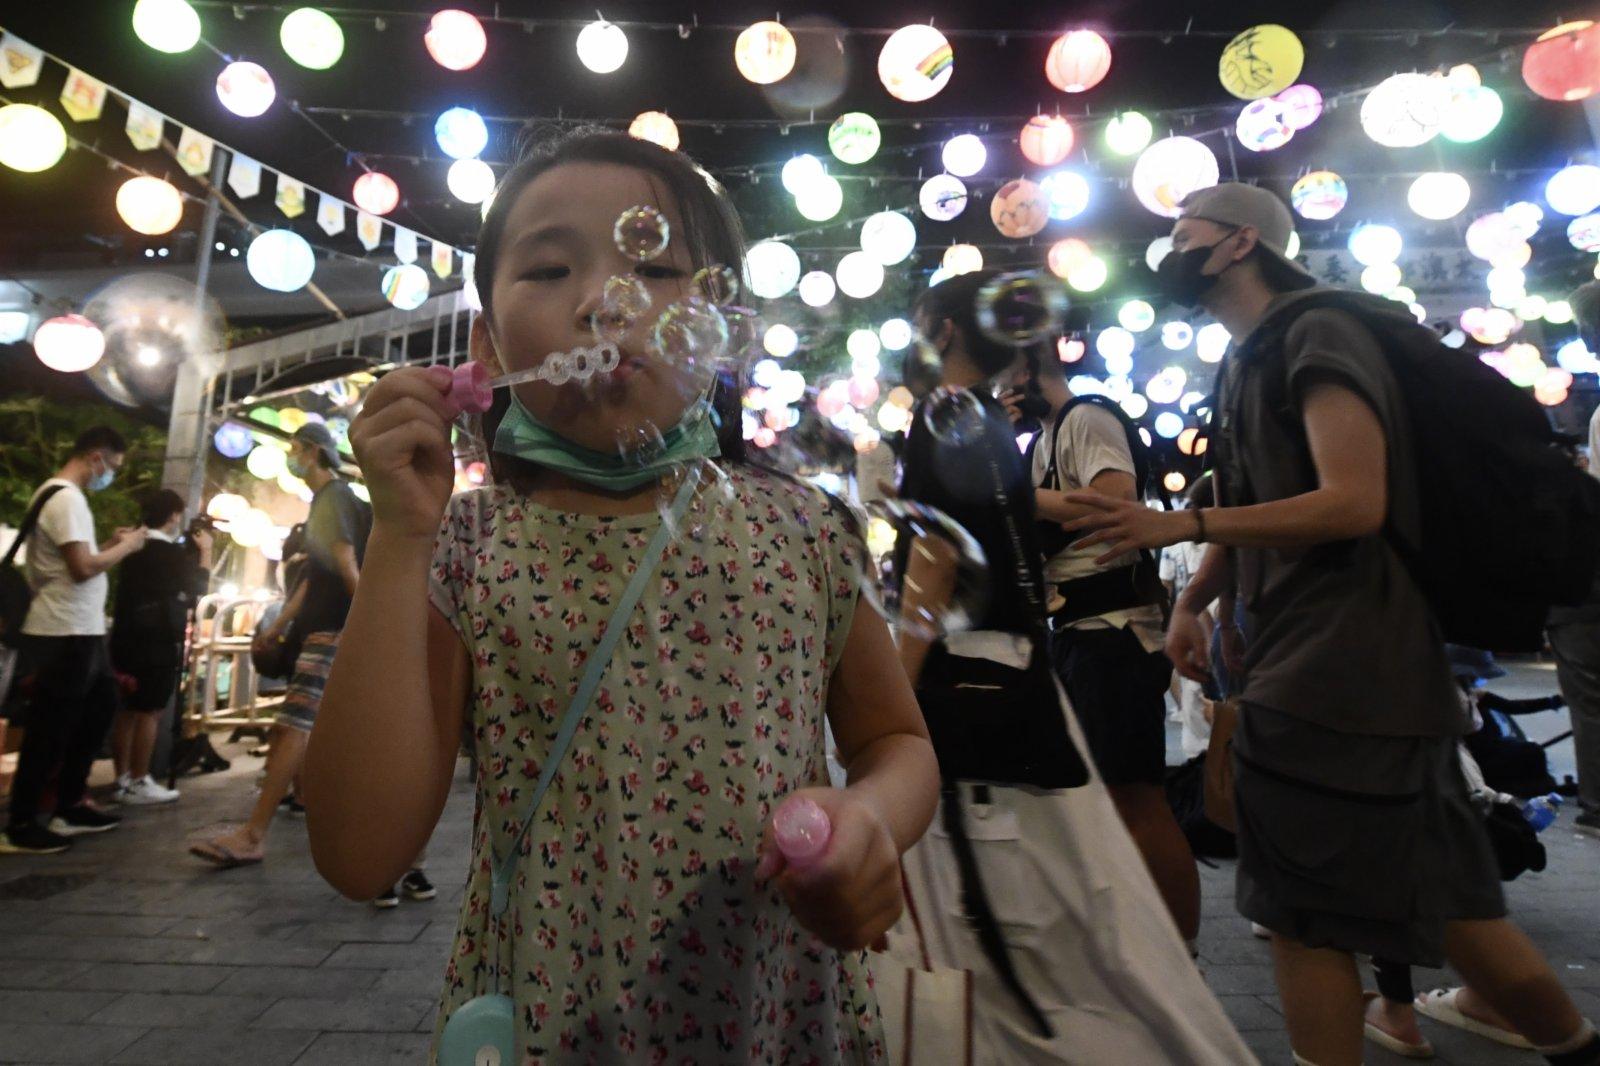 圖為兒童吹起泡泡于燈籠下玩樂。